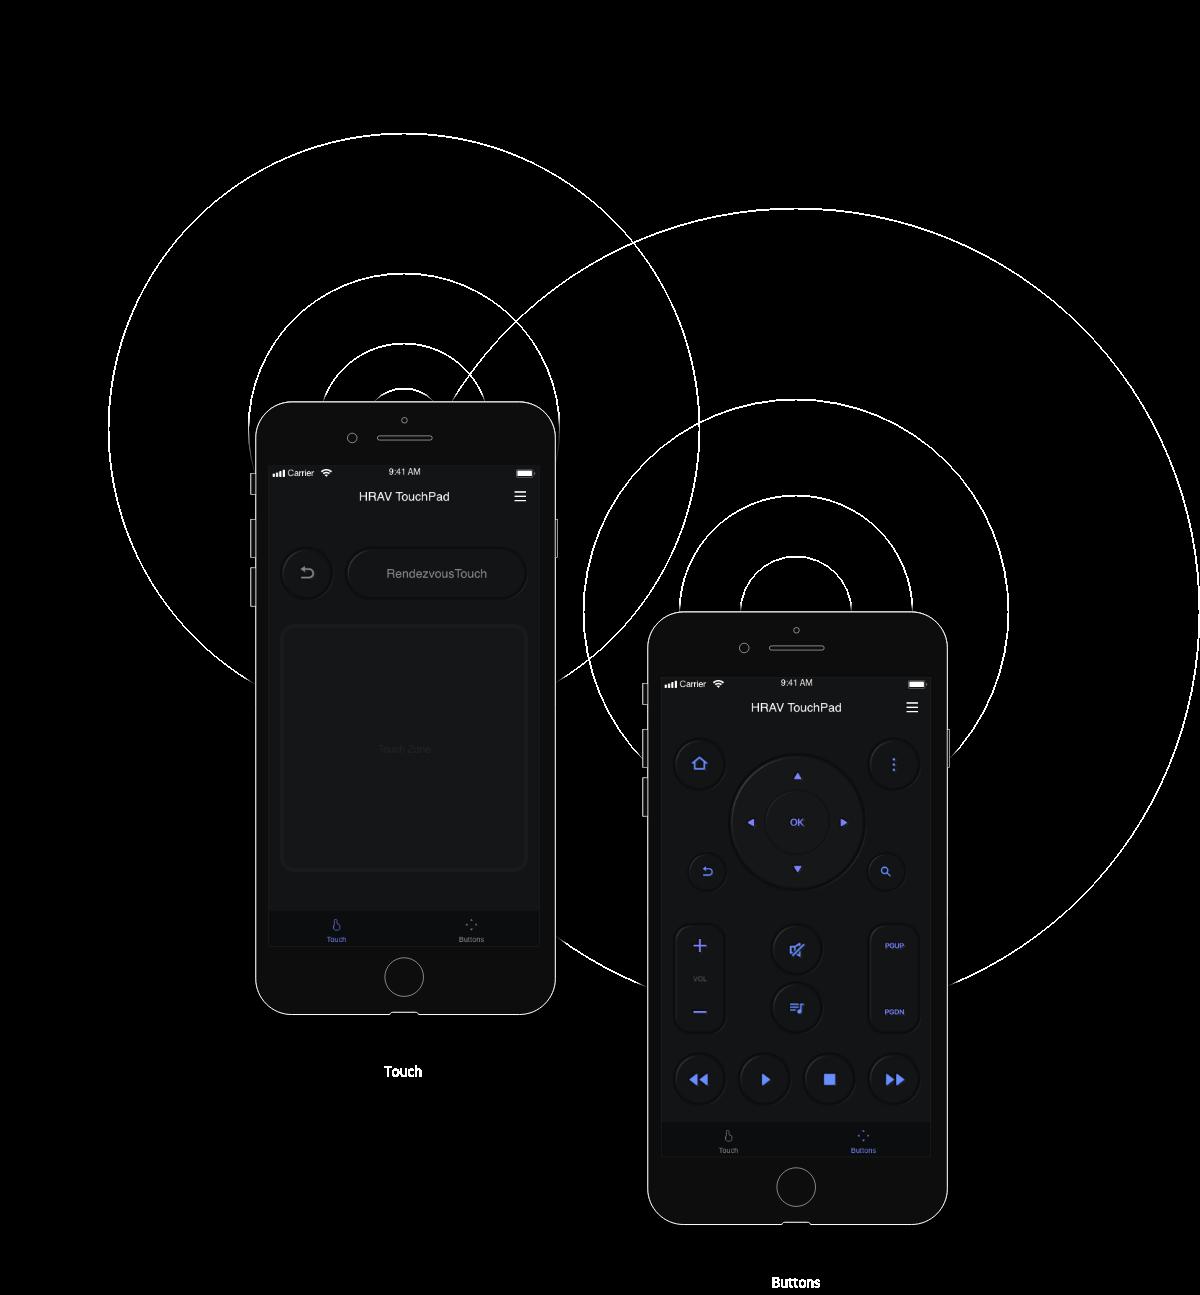 iOS Hi-Res audio player 스마트폰 제어 이미지